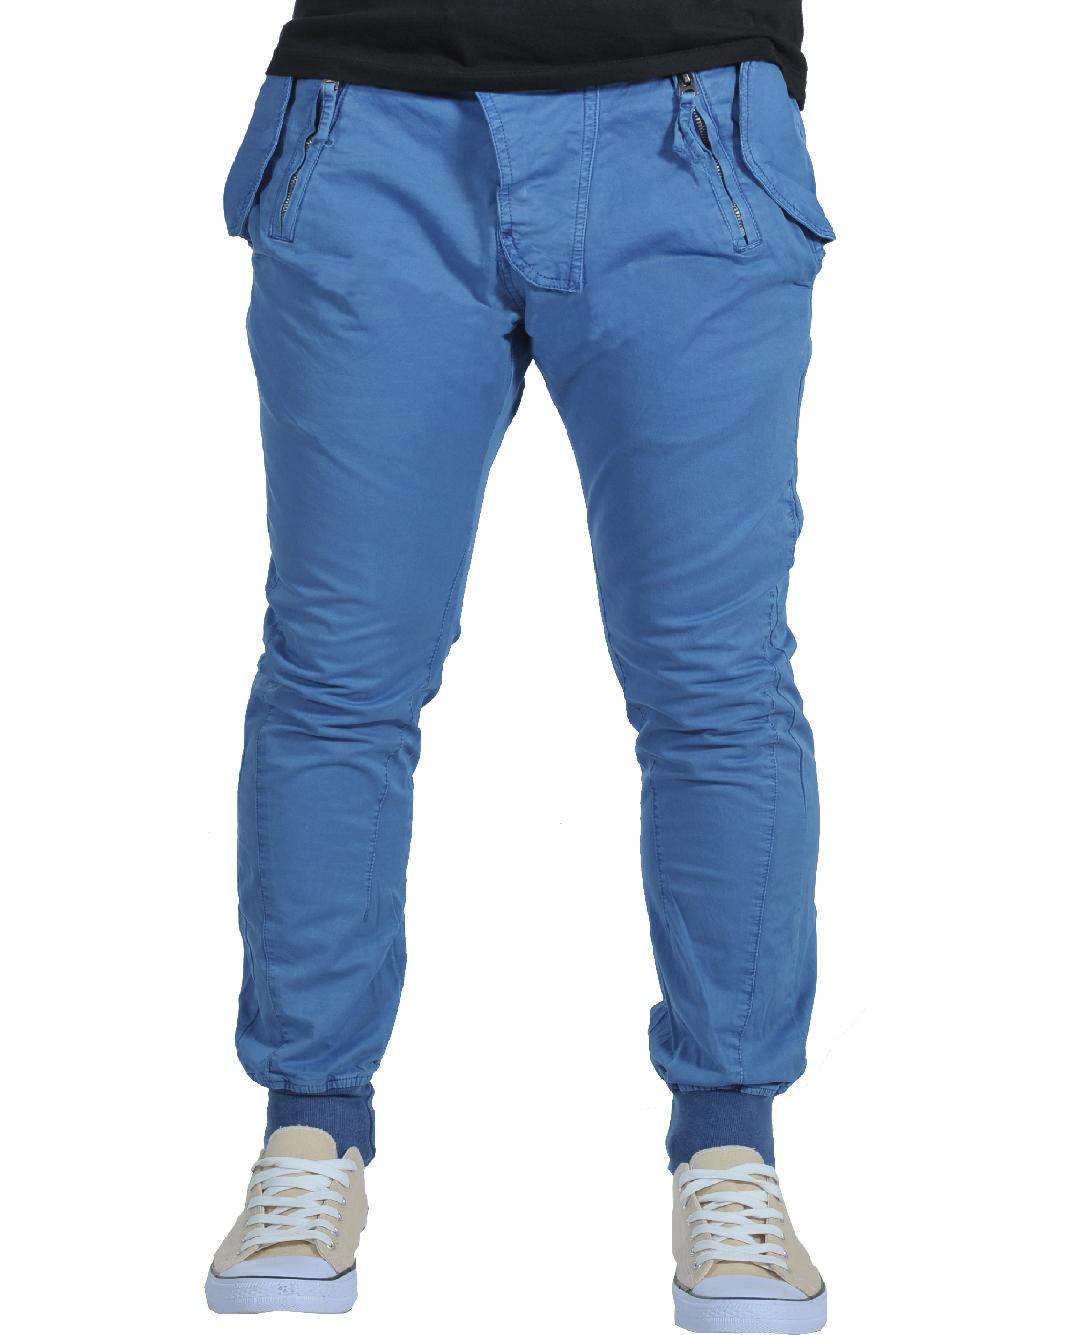 Ανδρικό Chino Παντελόνι Blue Rosso-Μπλε αρχική ανδρικά ρούχα παντελόνια chinos